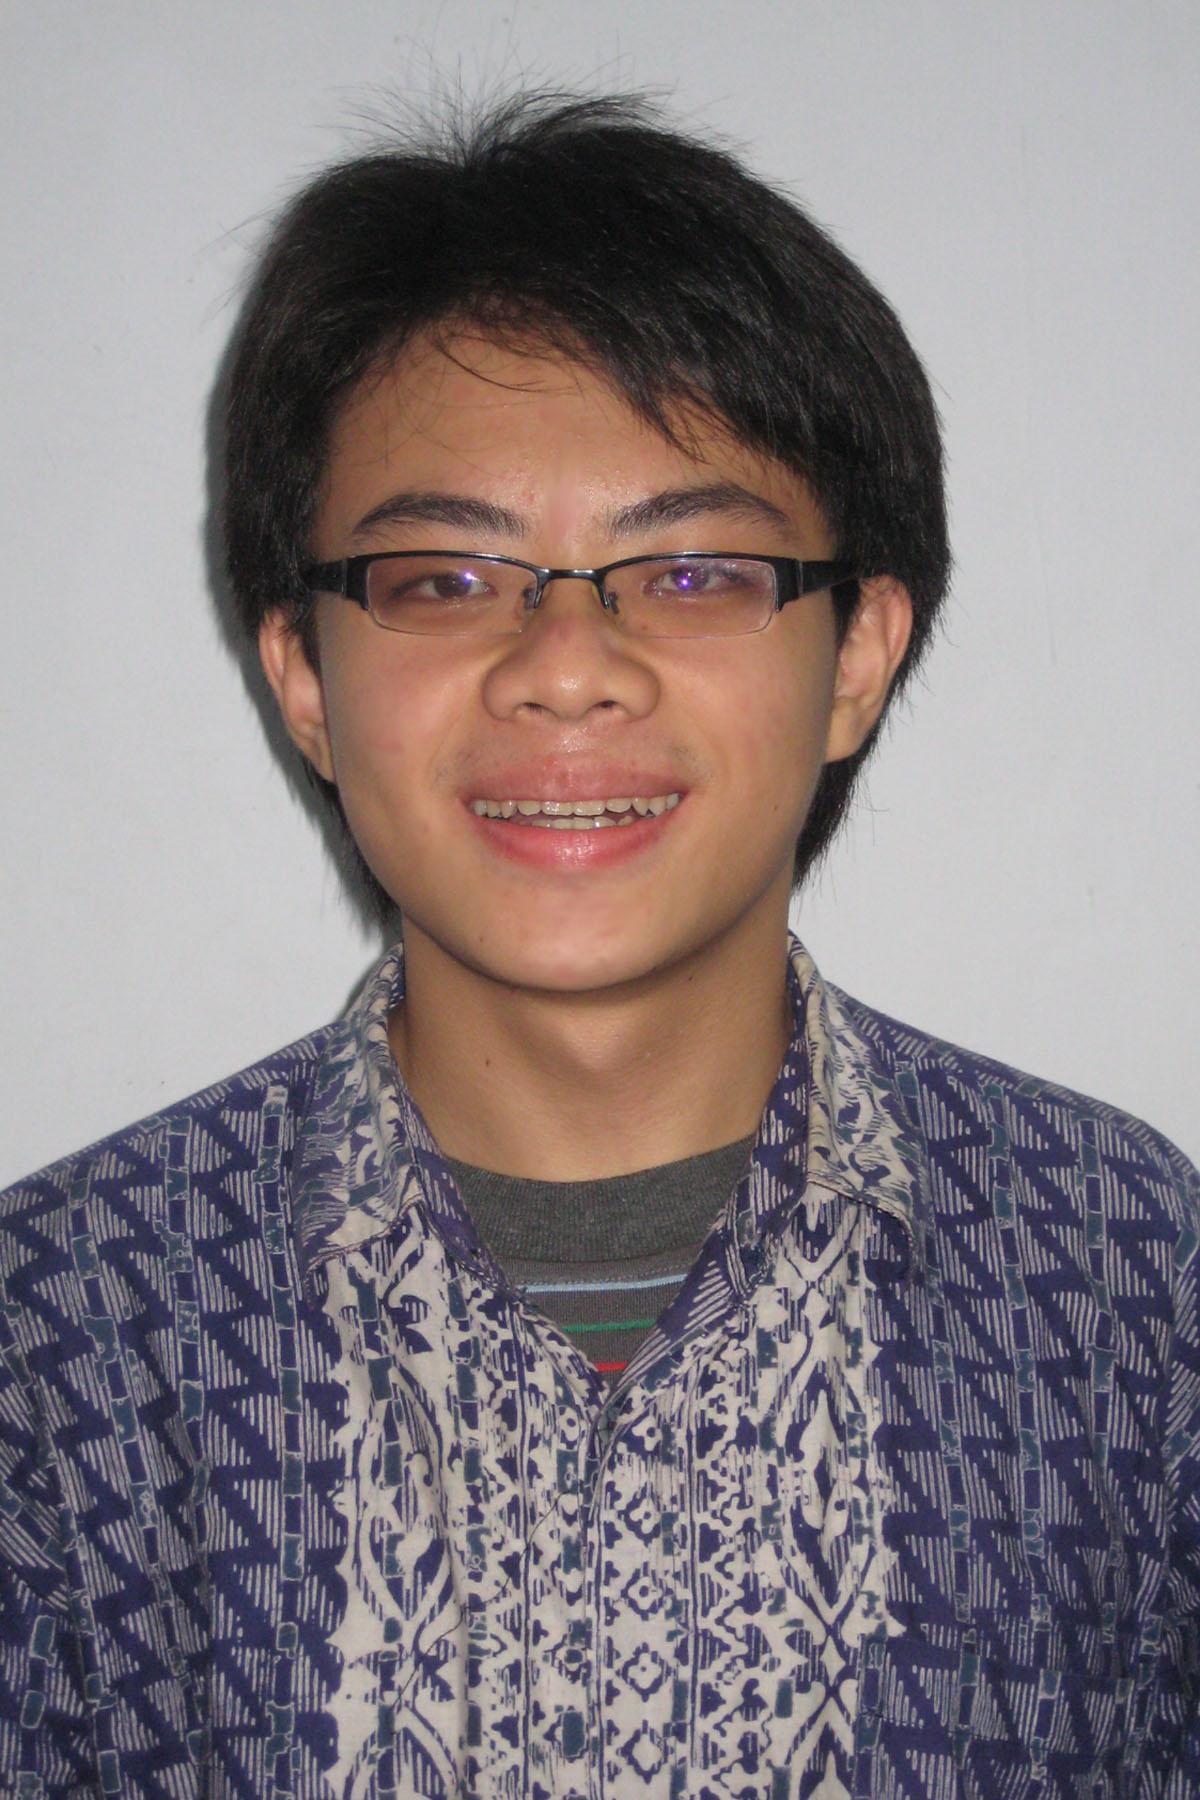 Julius' profile picture